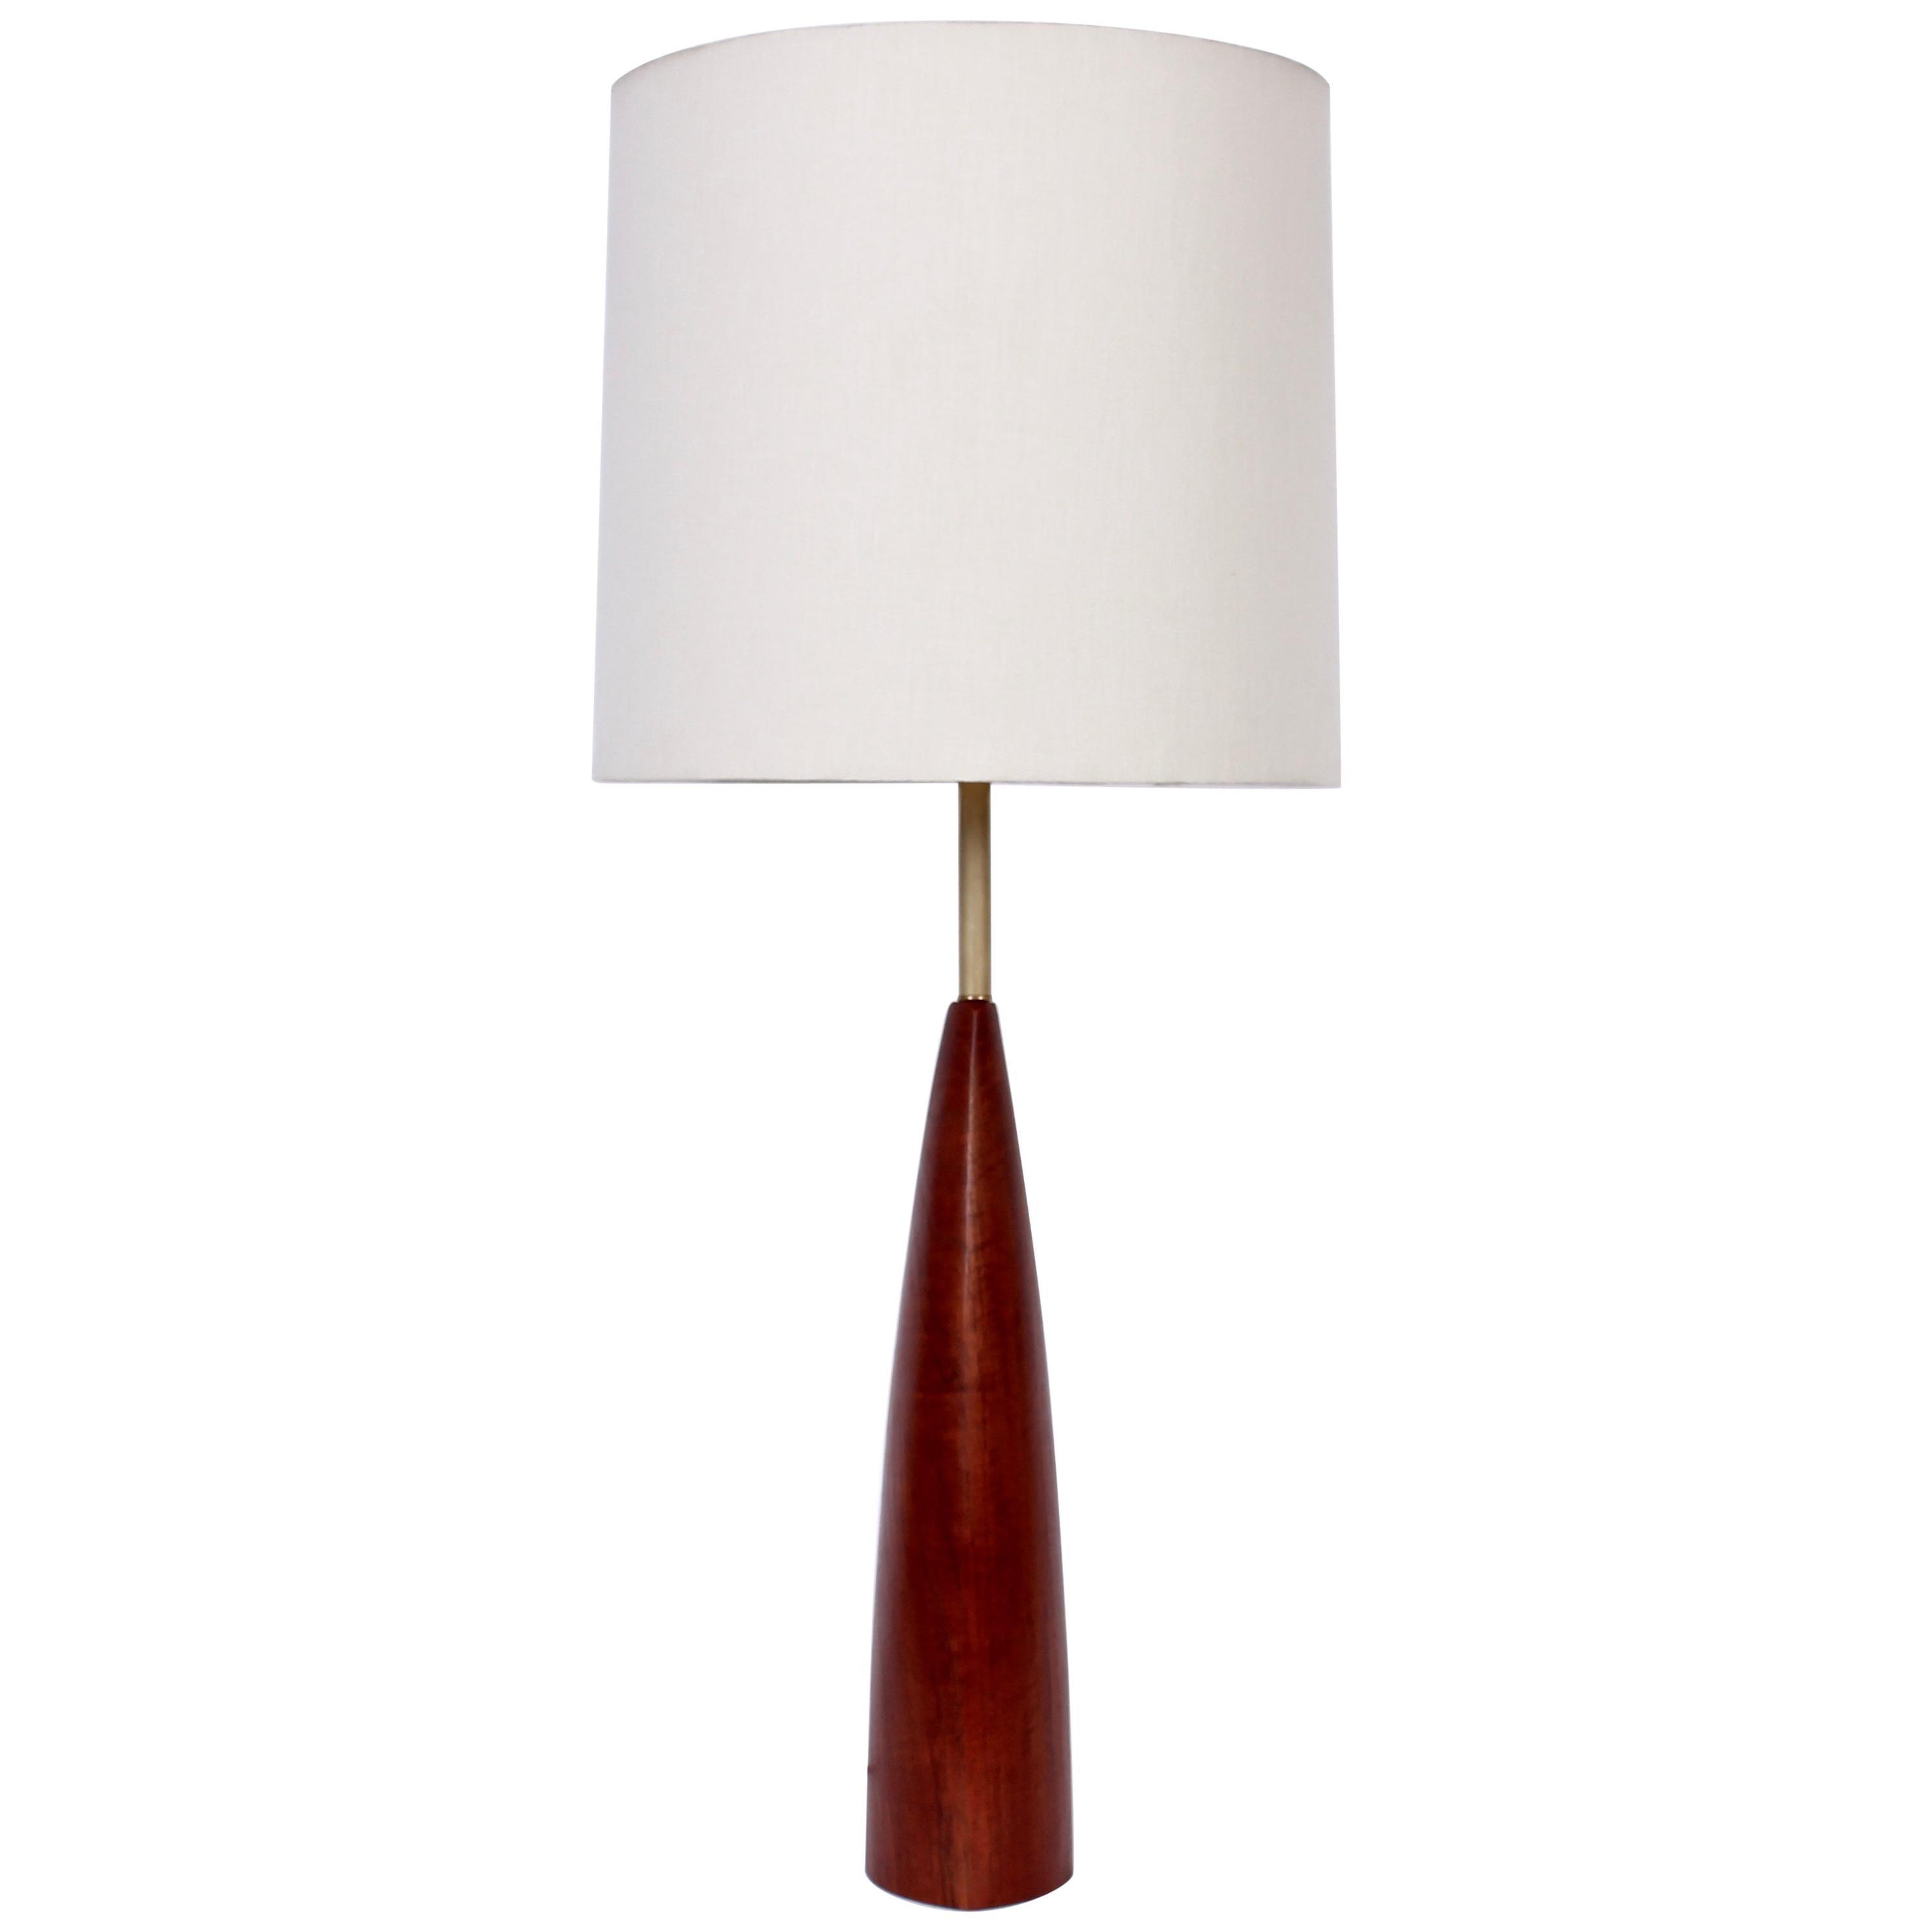 Tall Ernst Henriksen Denmark Turned Teak and Brass Table Lamp, 1960's